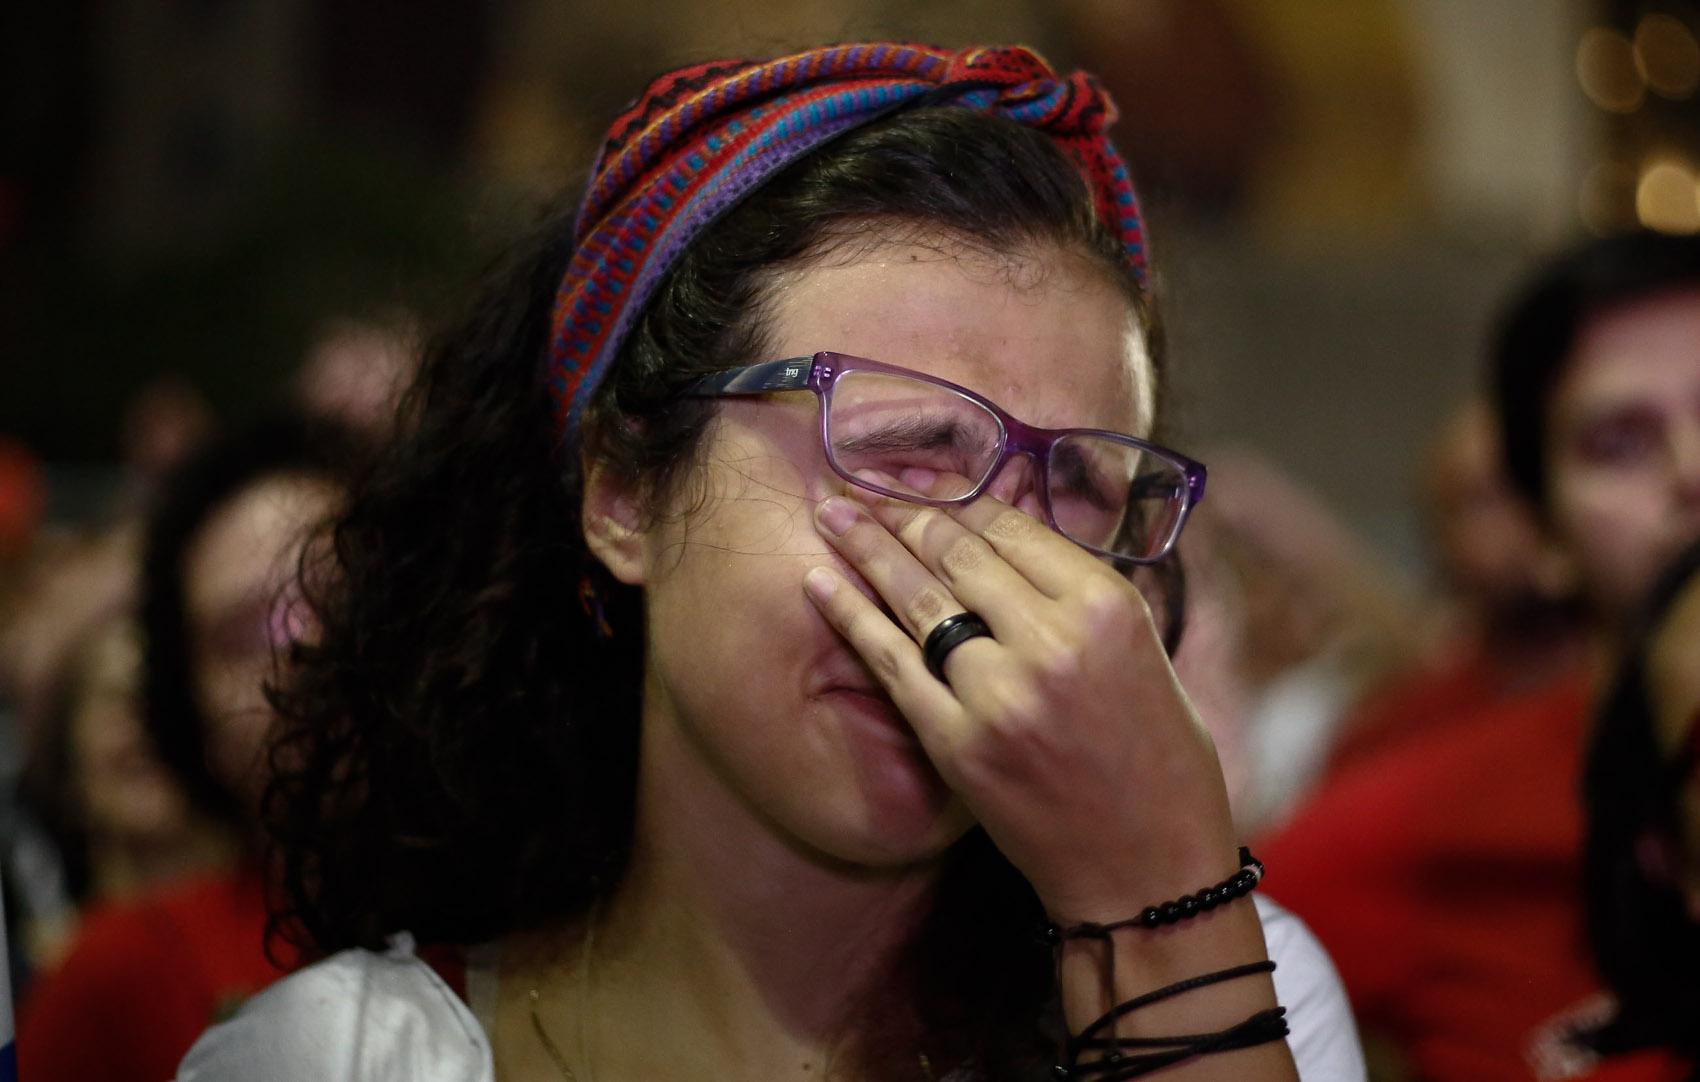 Manifestante contra o impeachment da presidente Dilma Rousseff lamenta o resultado da votação em ato no Vale do Anhangabaú, no centro de São Paulo